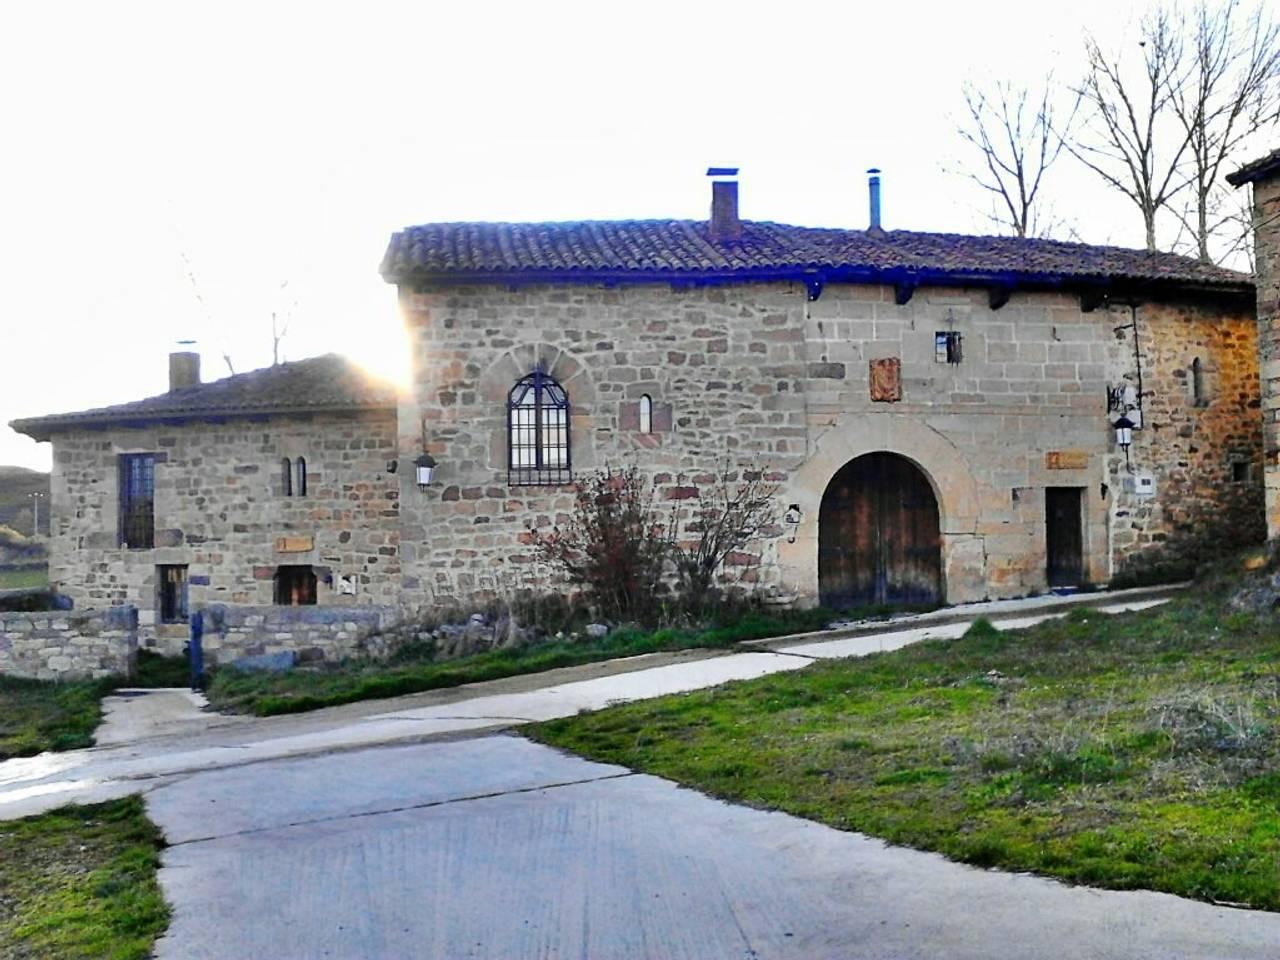 Alquiler vacaciones en Sta. María de Nava, Palencia